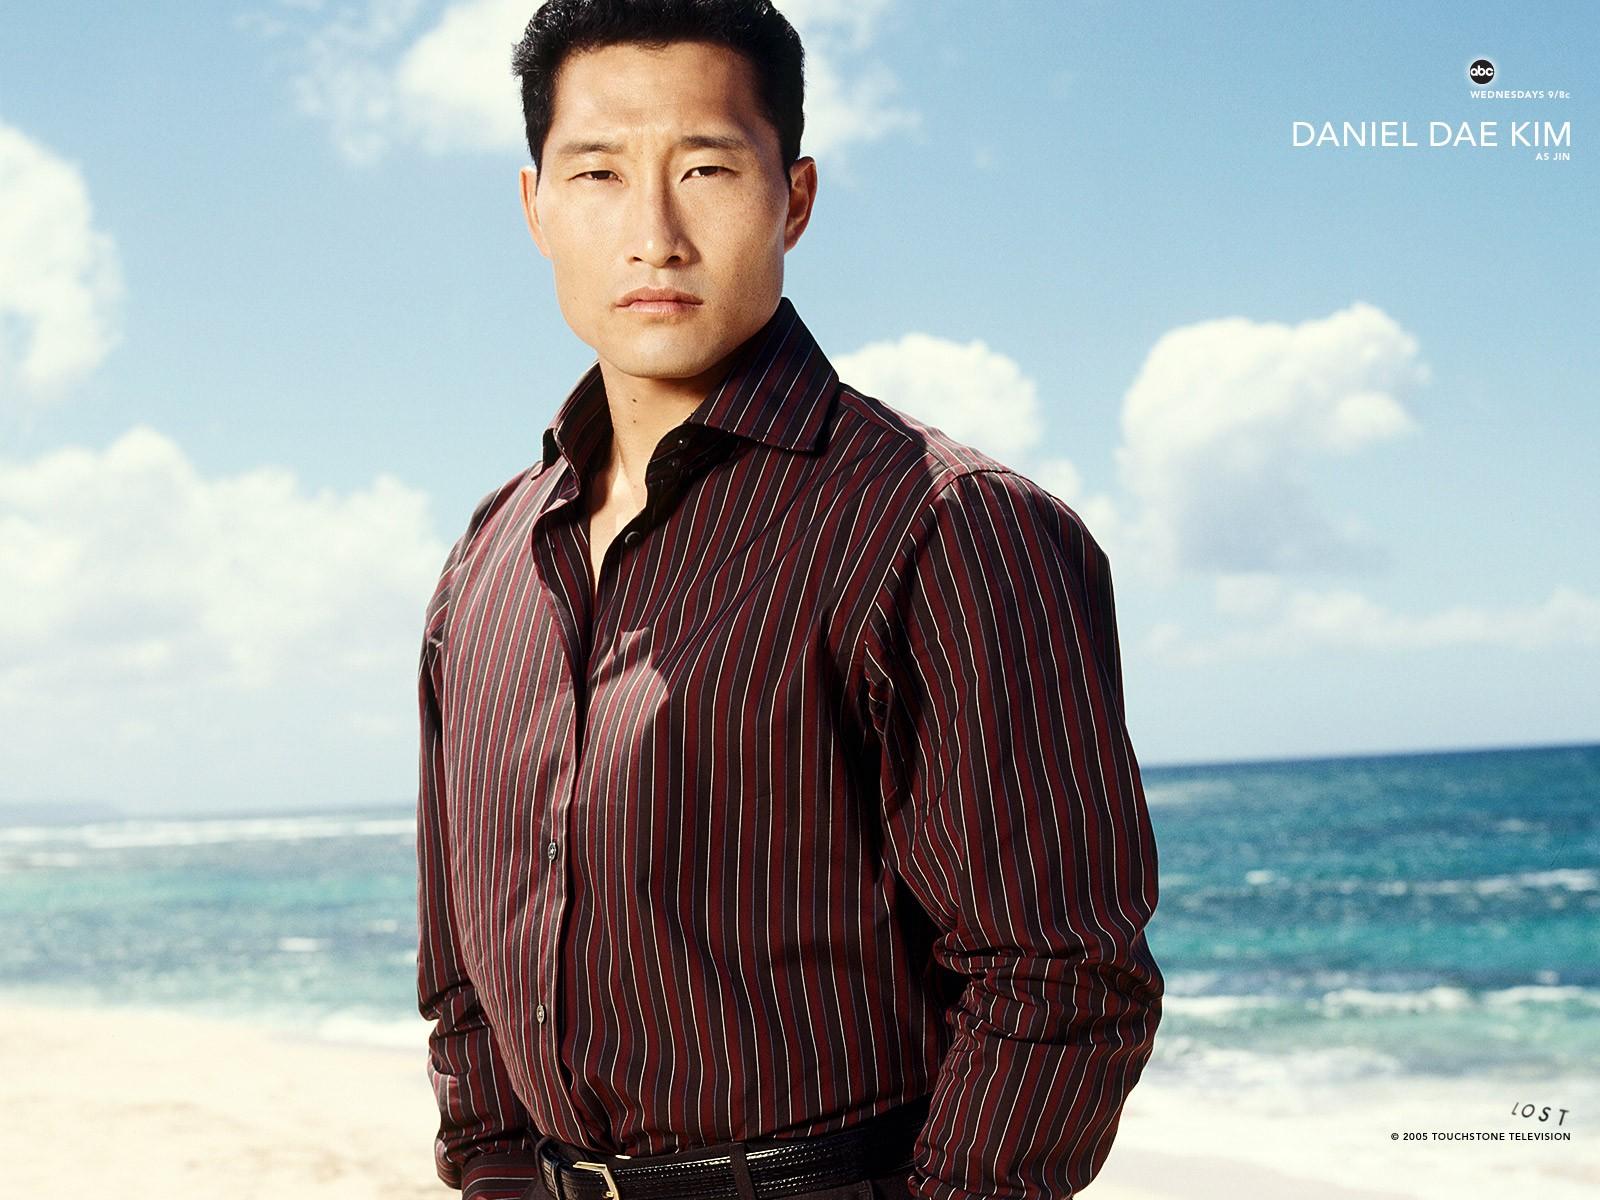 Un wallpaper di Daniel Dae Kim per la stagione 1 della serie 'Lost'